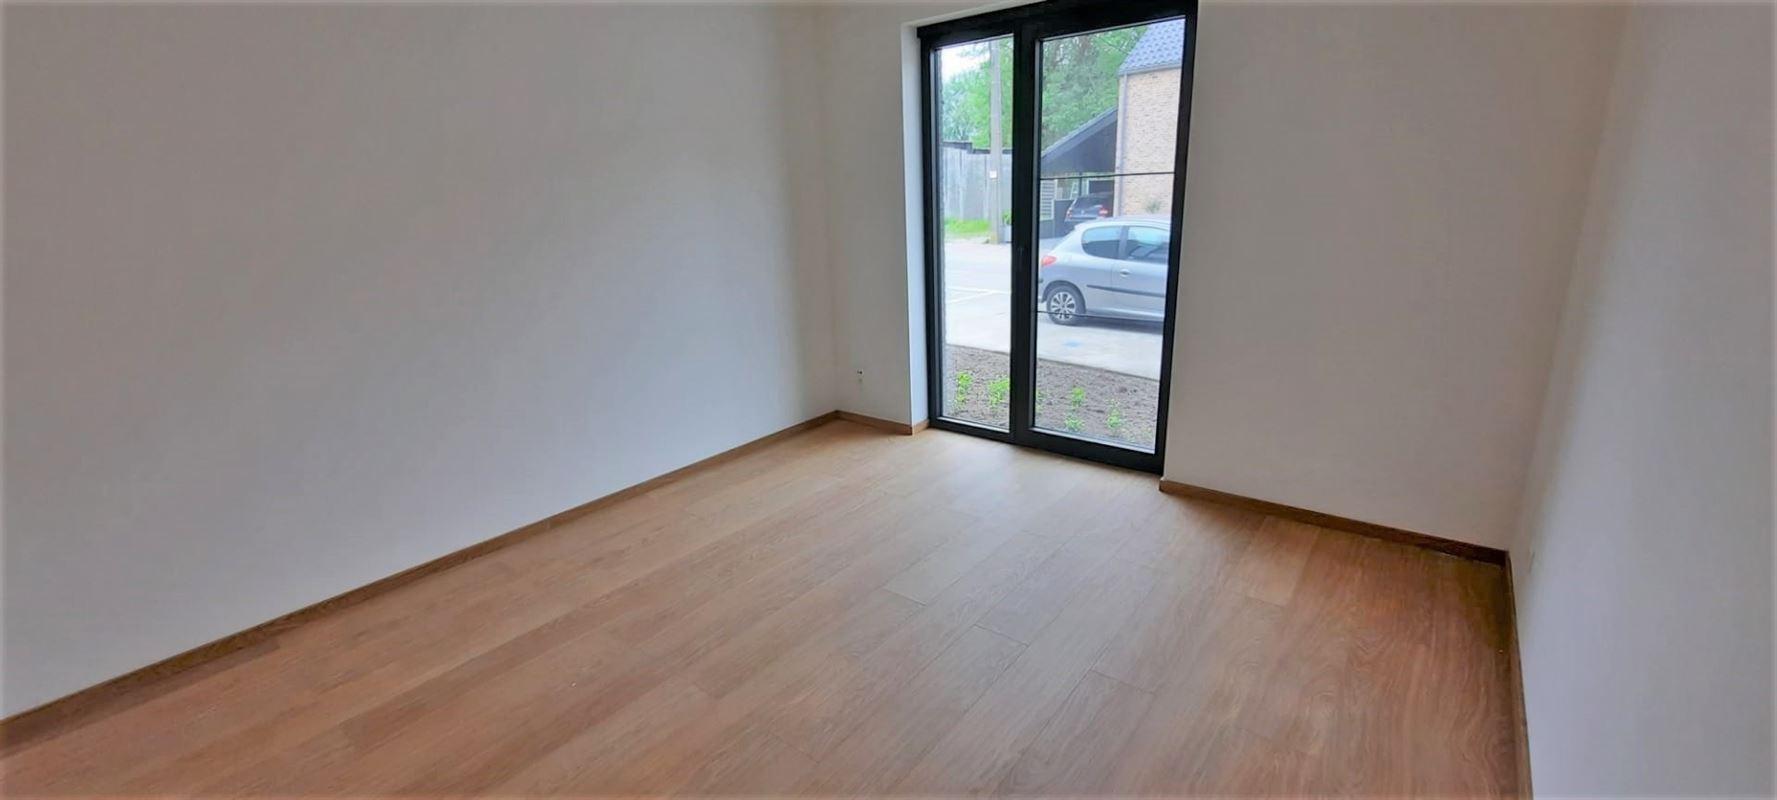 Foto 7 : Appartement te 2820 BONHEIDEN (België) - Prijs In optie